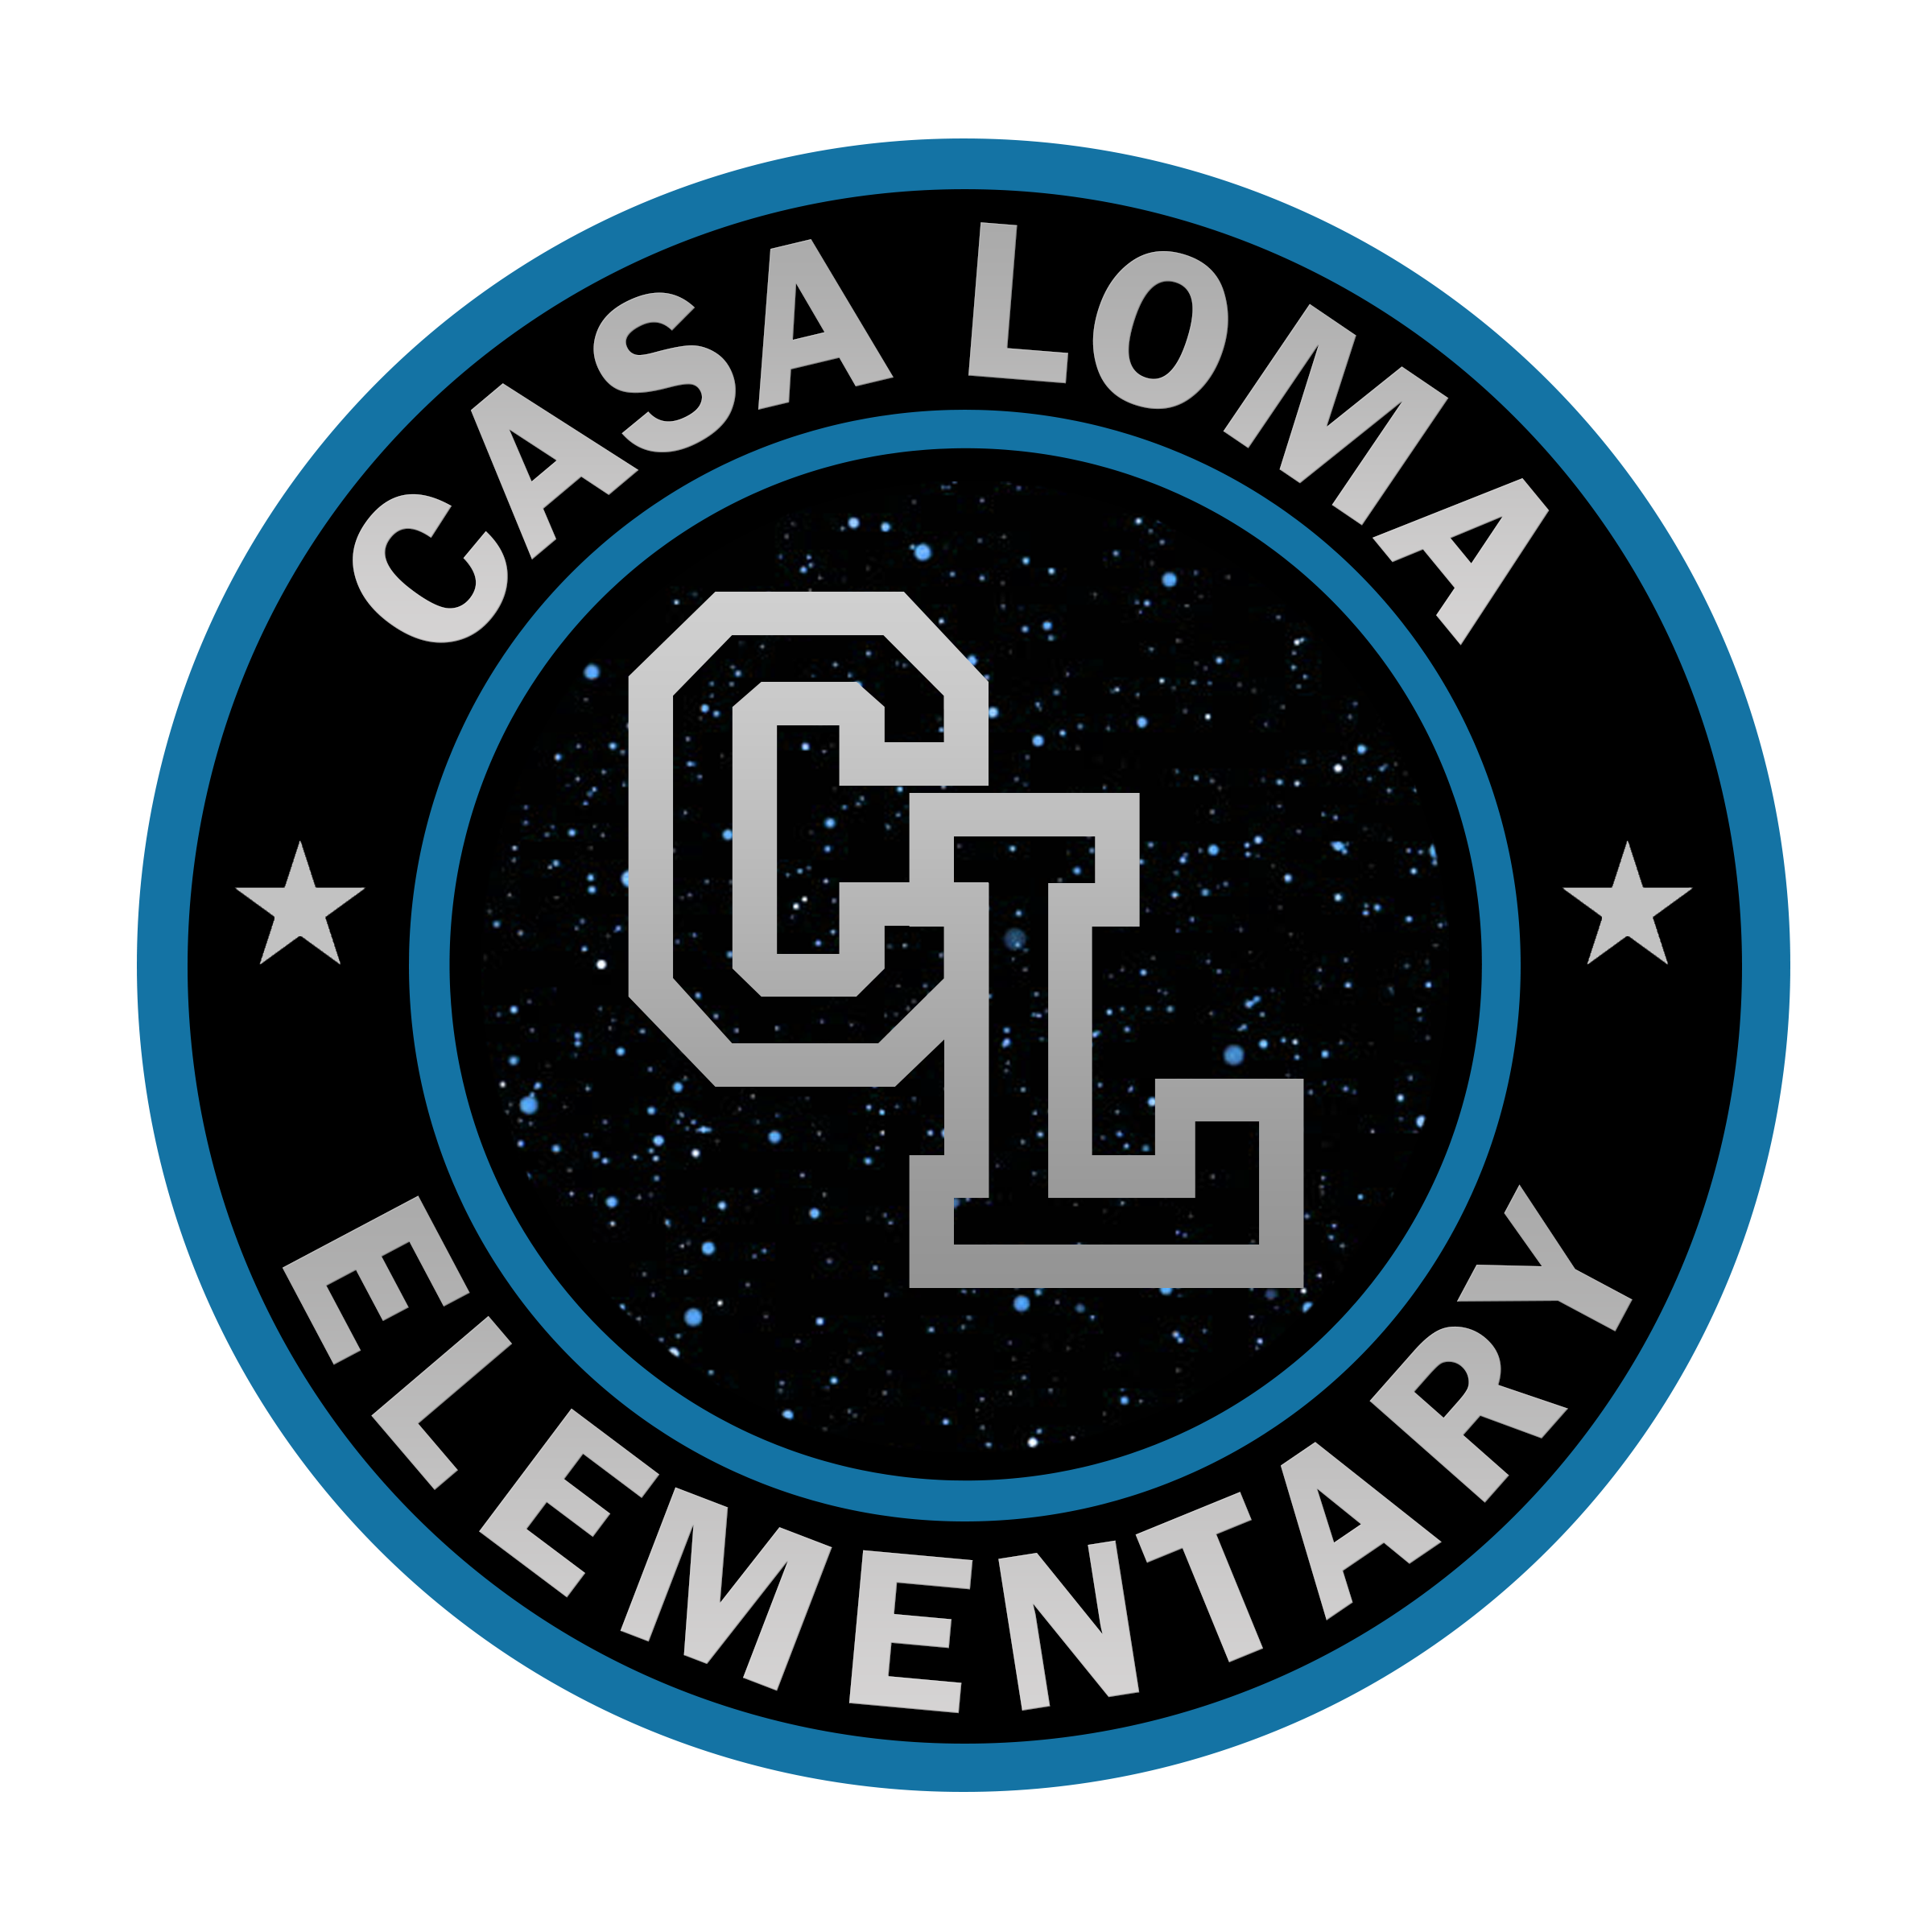 Casa Loma Elementary